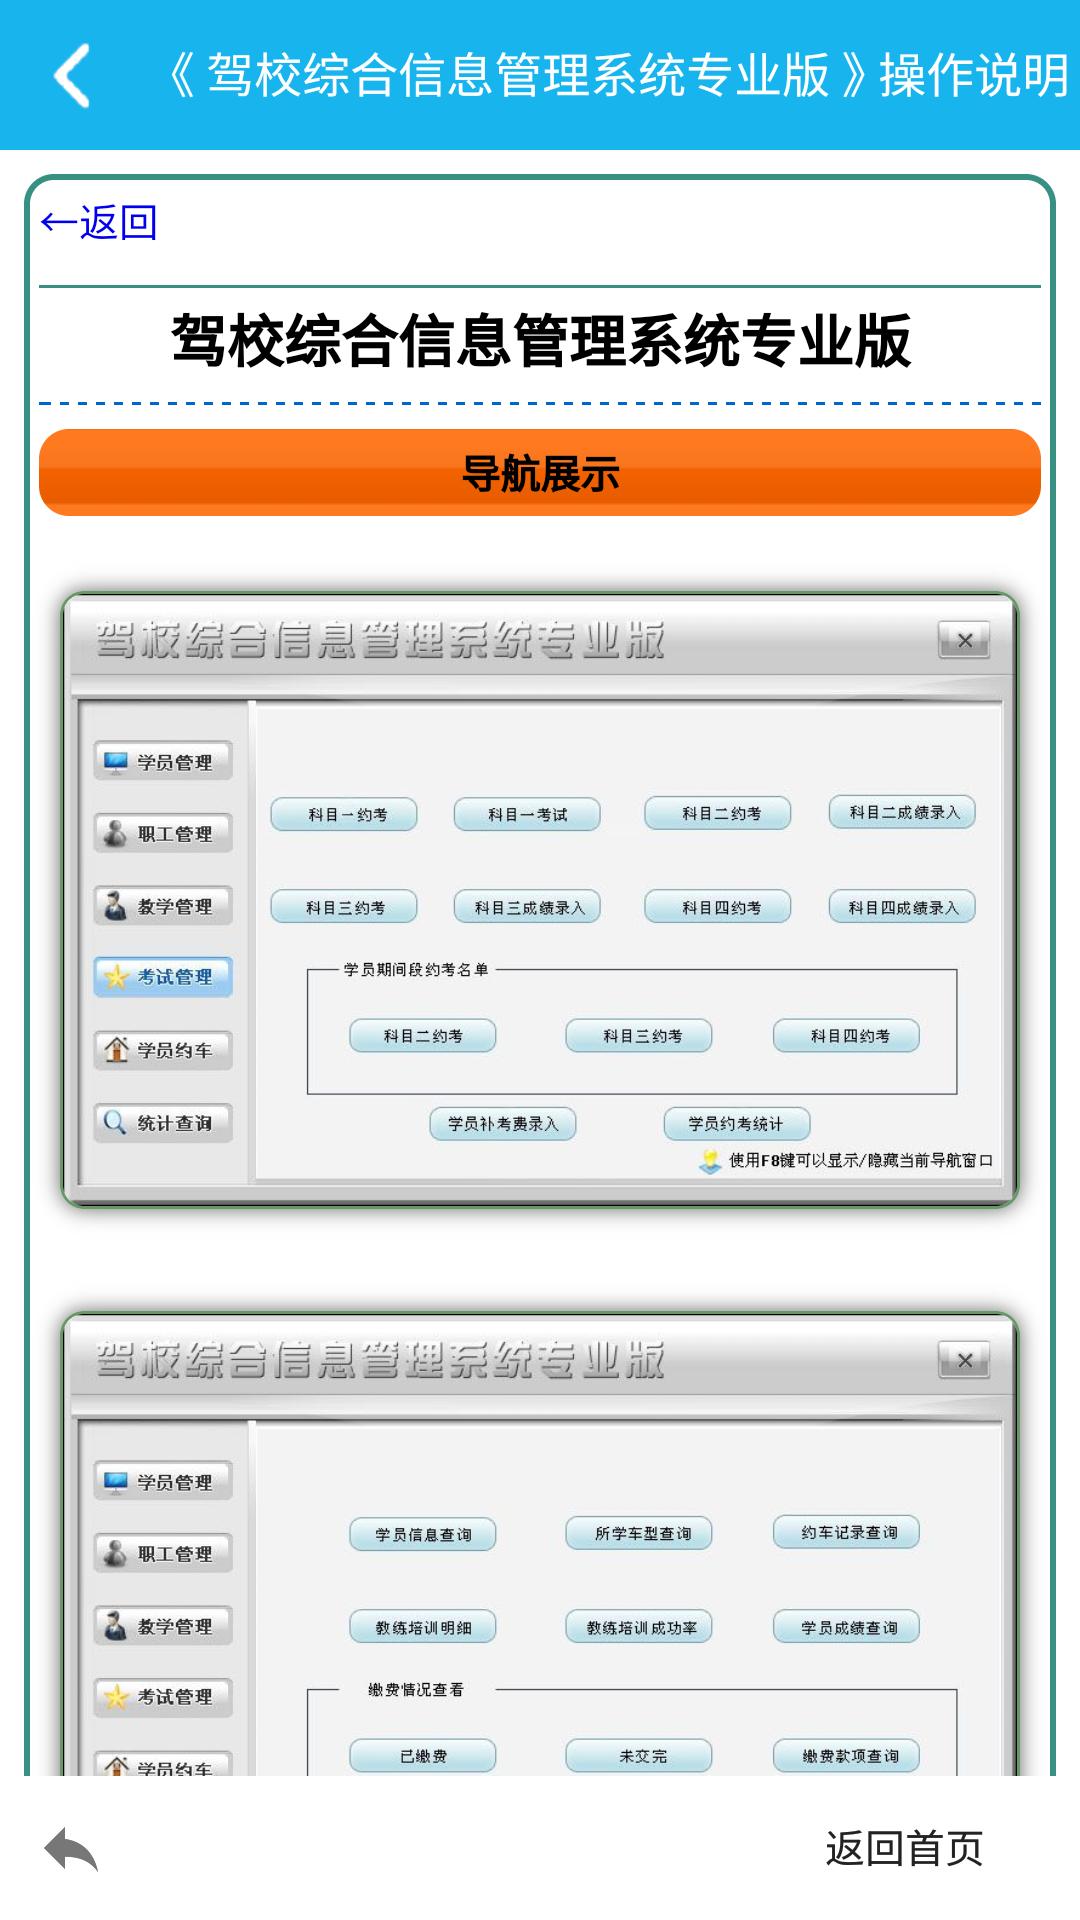 驾校信息管理系统